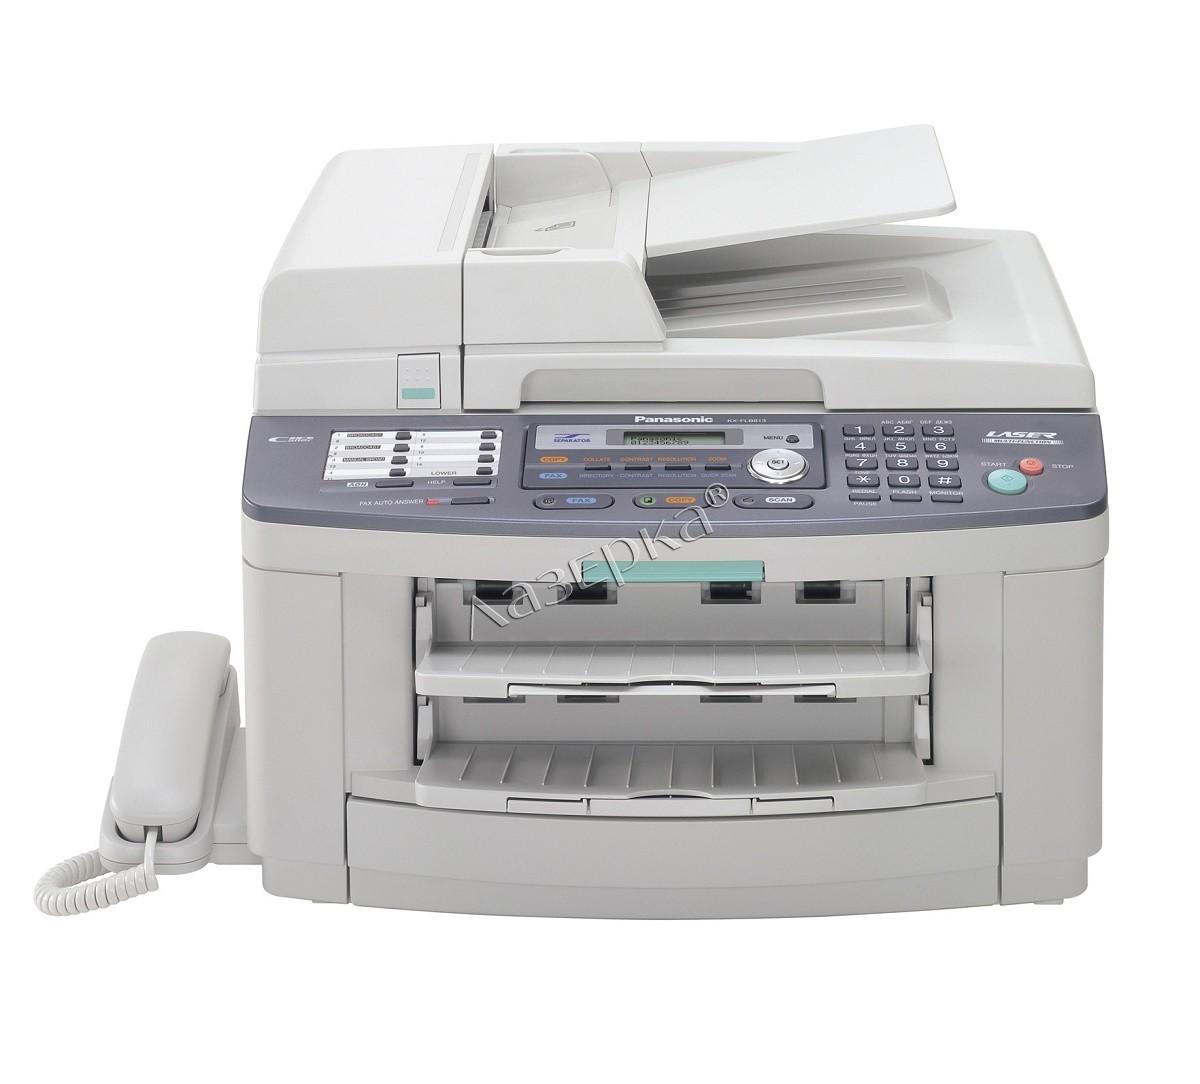 Инструкция по эксплуатации к факсу panasonic kx-ft25скачать инструкцию к panasonic kx-ft25rs (pdf, 1